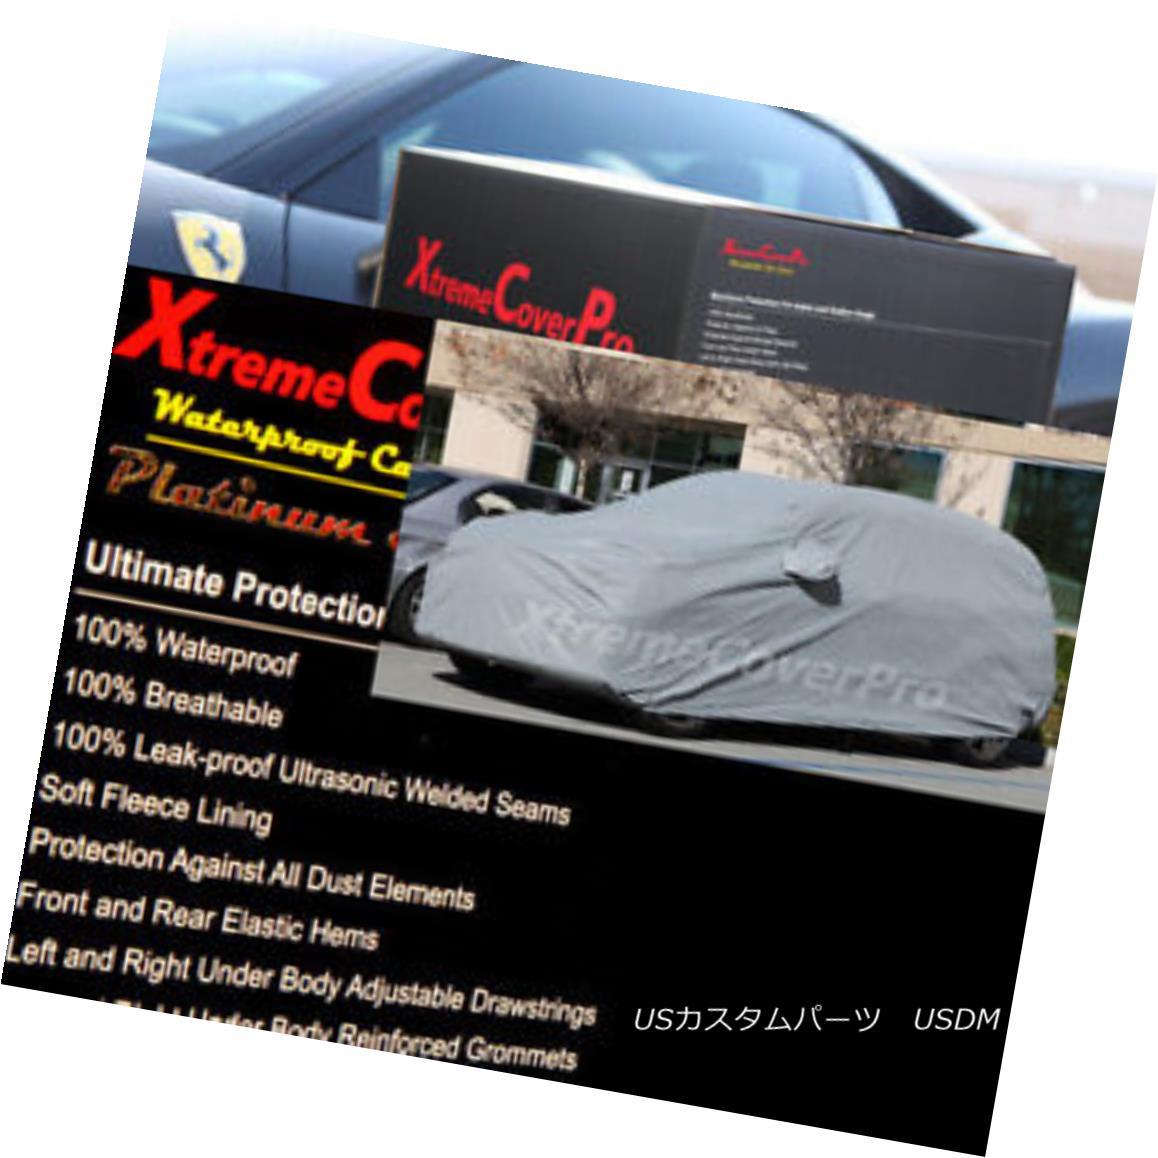 カーカバー 2013 BMW X6M Waterproof Car Cover w/MirrorPocket 2013年BMW X6M防水カーカバー付き(MirrorPocket)